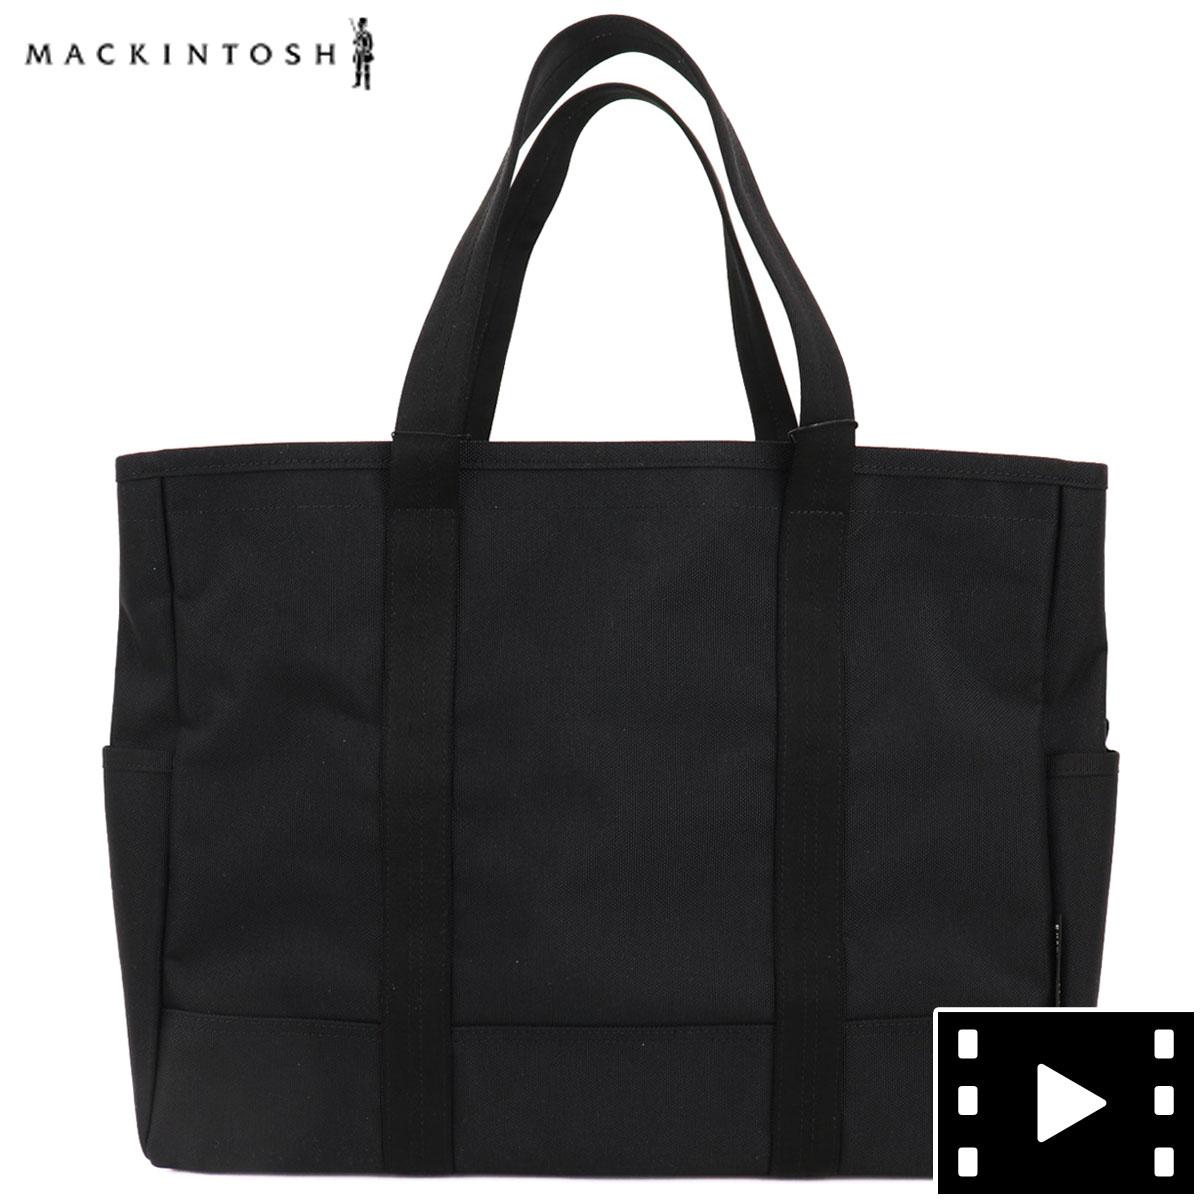 マッキントッシュ MACKINTOSH マッキントッシュ×ポーター MACKINTOSH×PORTER コラボモデル ナイロン トートバッグ MXP030 MCT BLACK(ブラック) 春夏新作